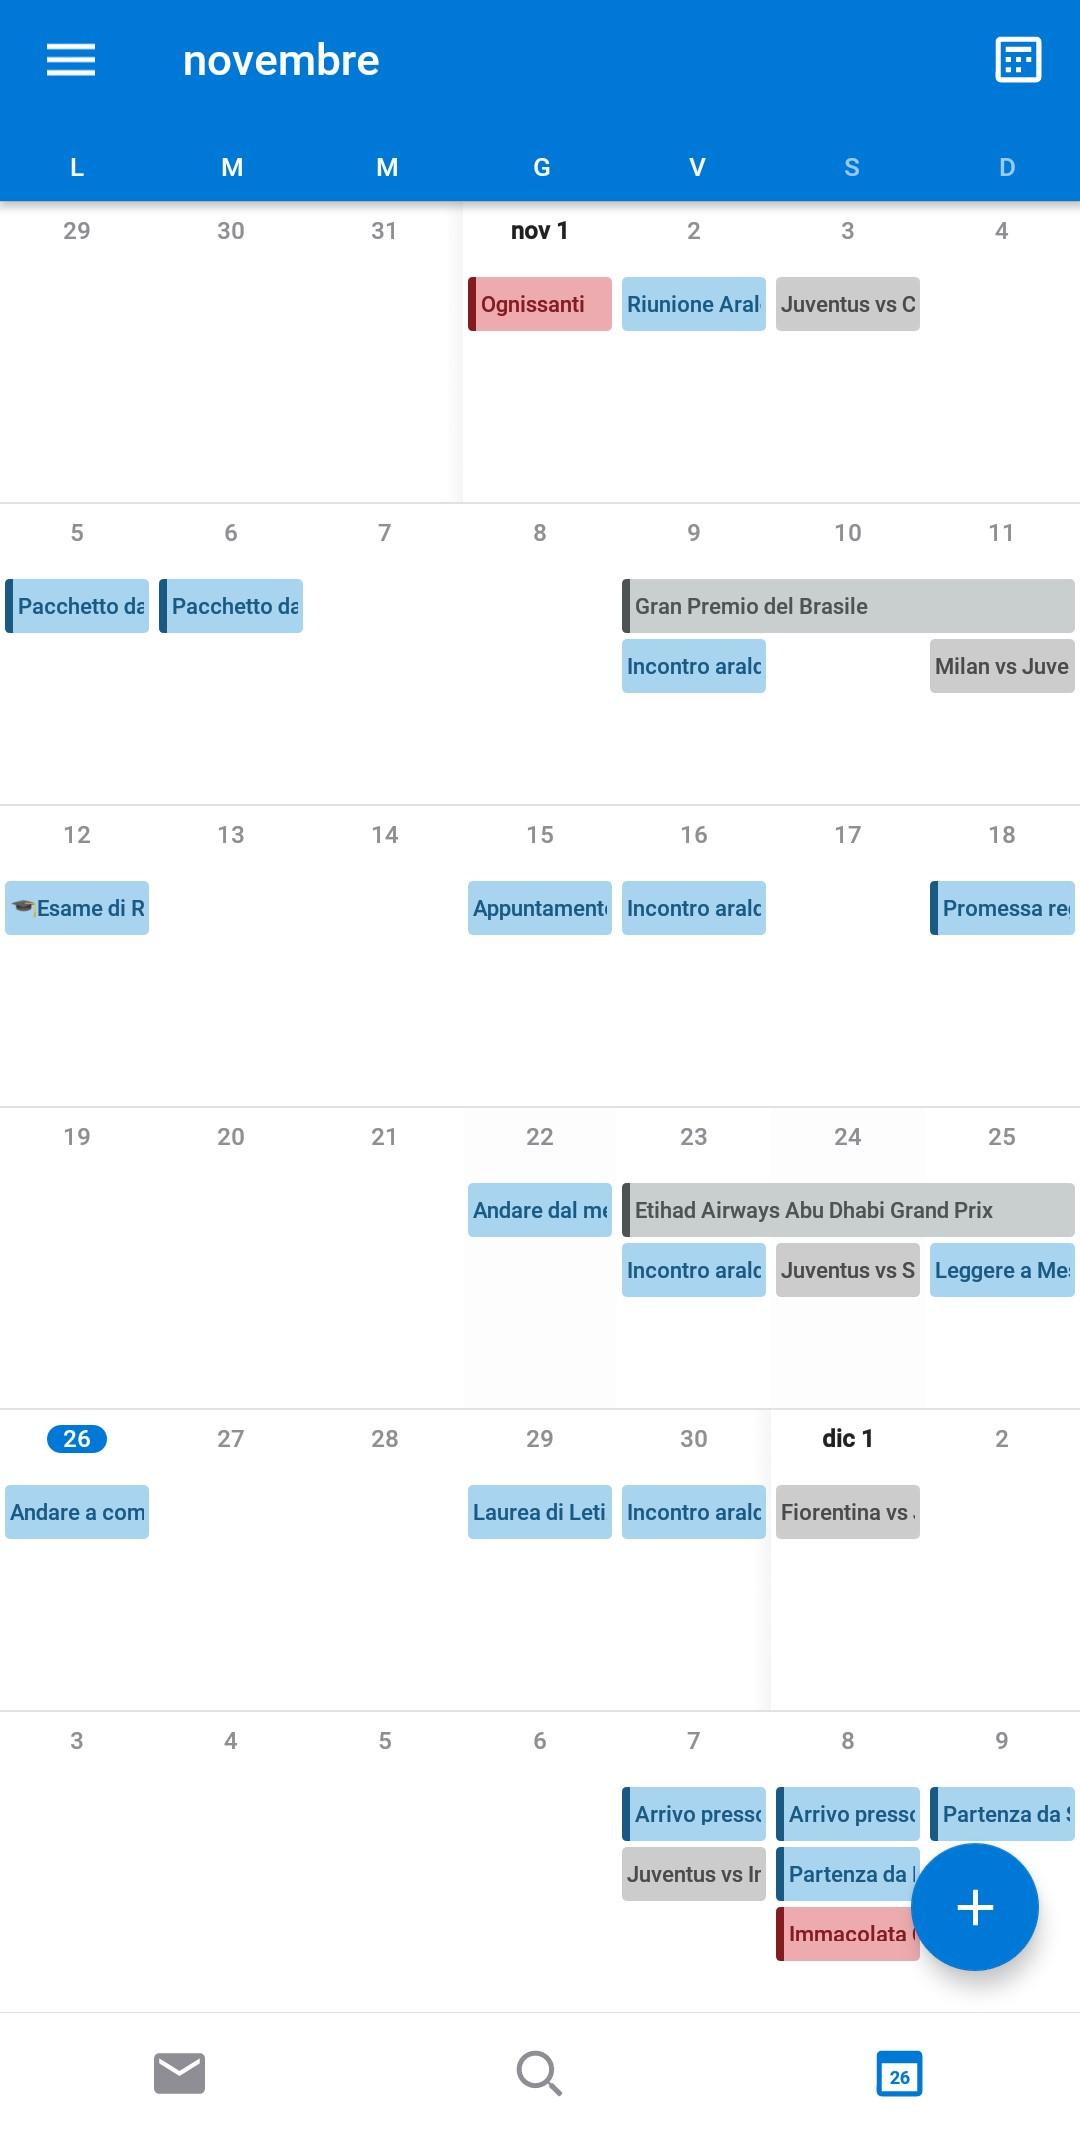 Visualizza Calendario.Microsoft Outlook Per Android Introduce La Visualizzazione